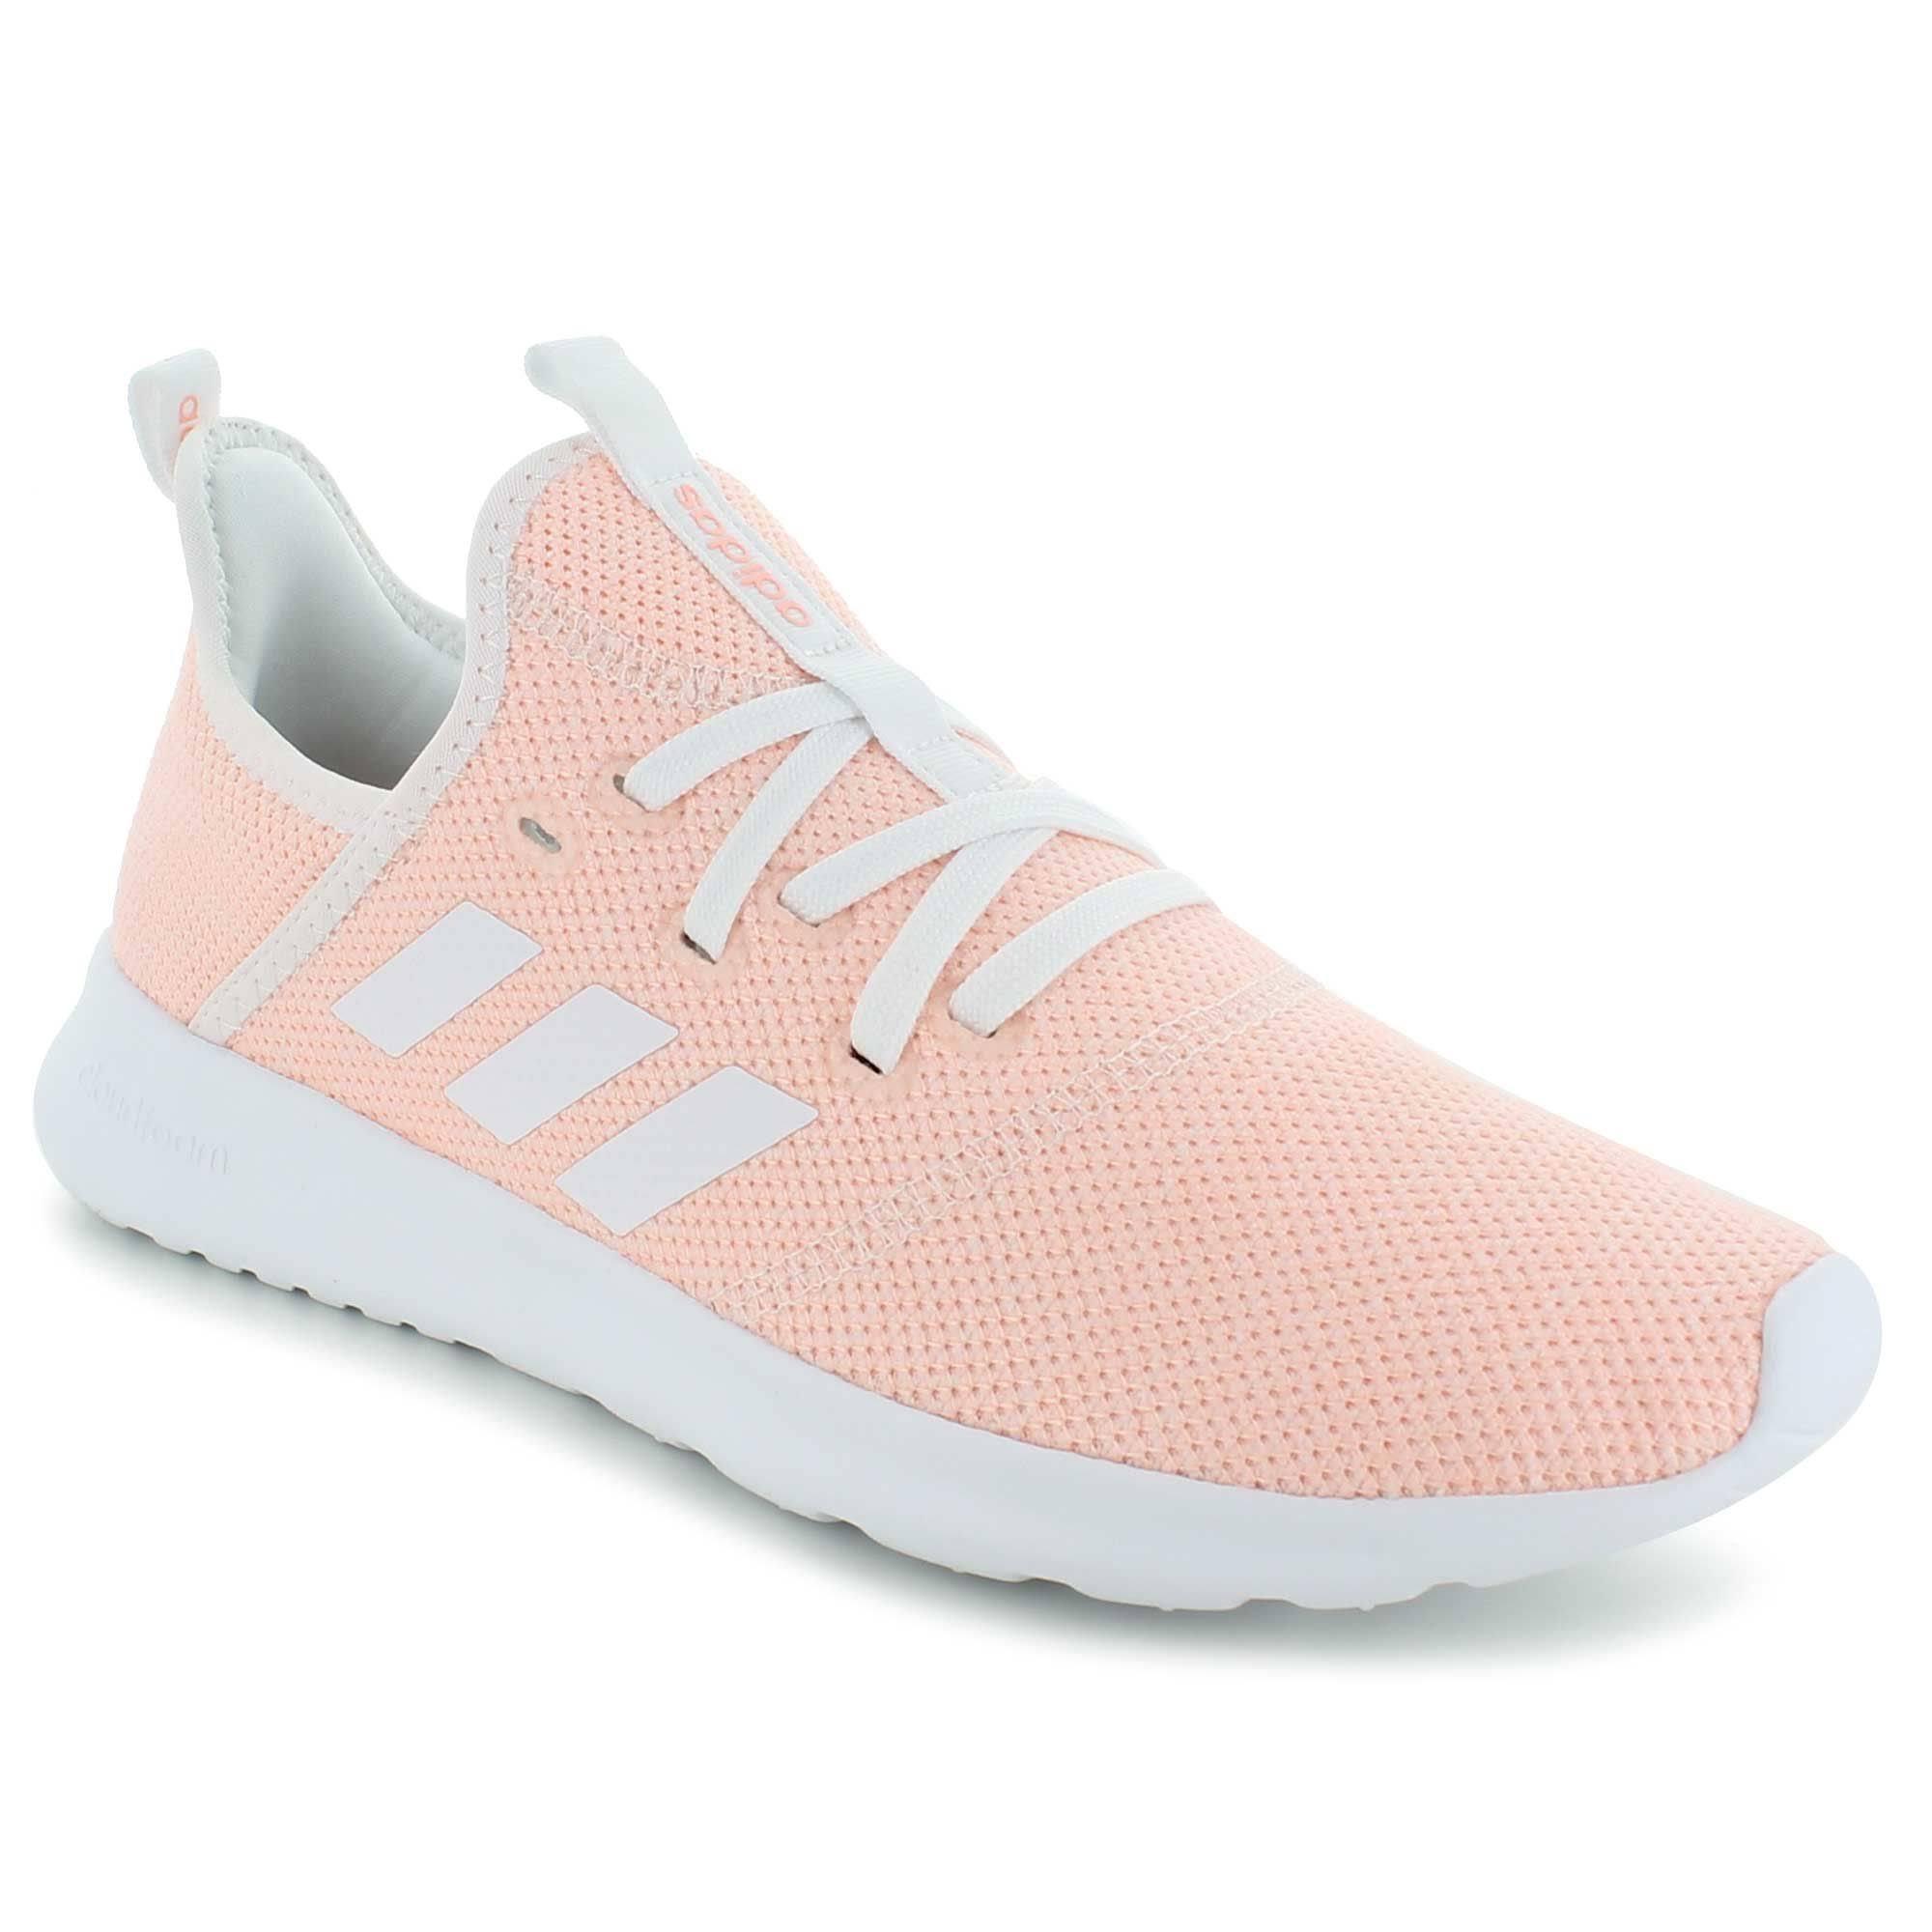 F33880 Da Adidas Women Cloudfoam Donna Scarpe Pure DbHYIWe2E9